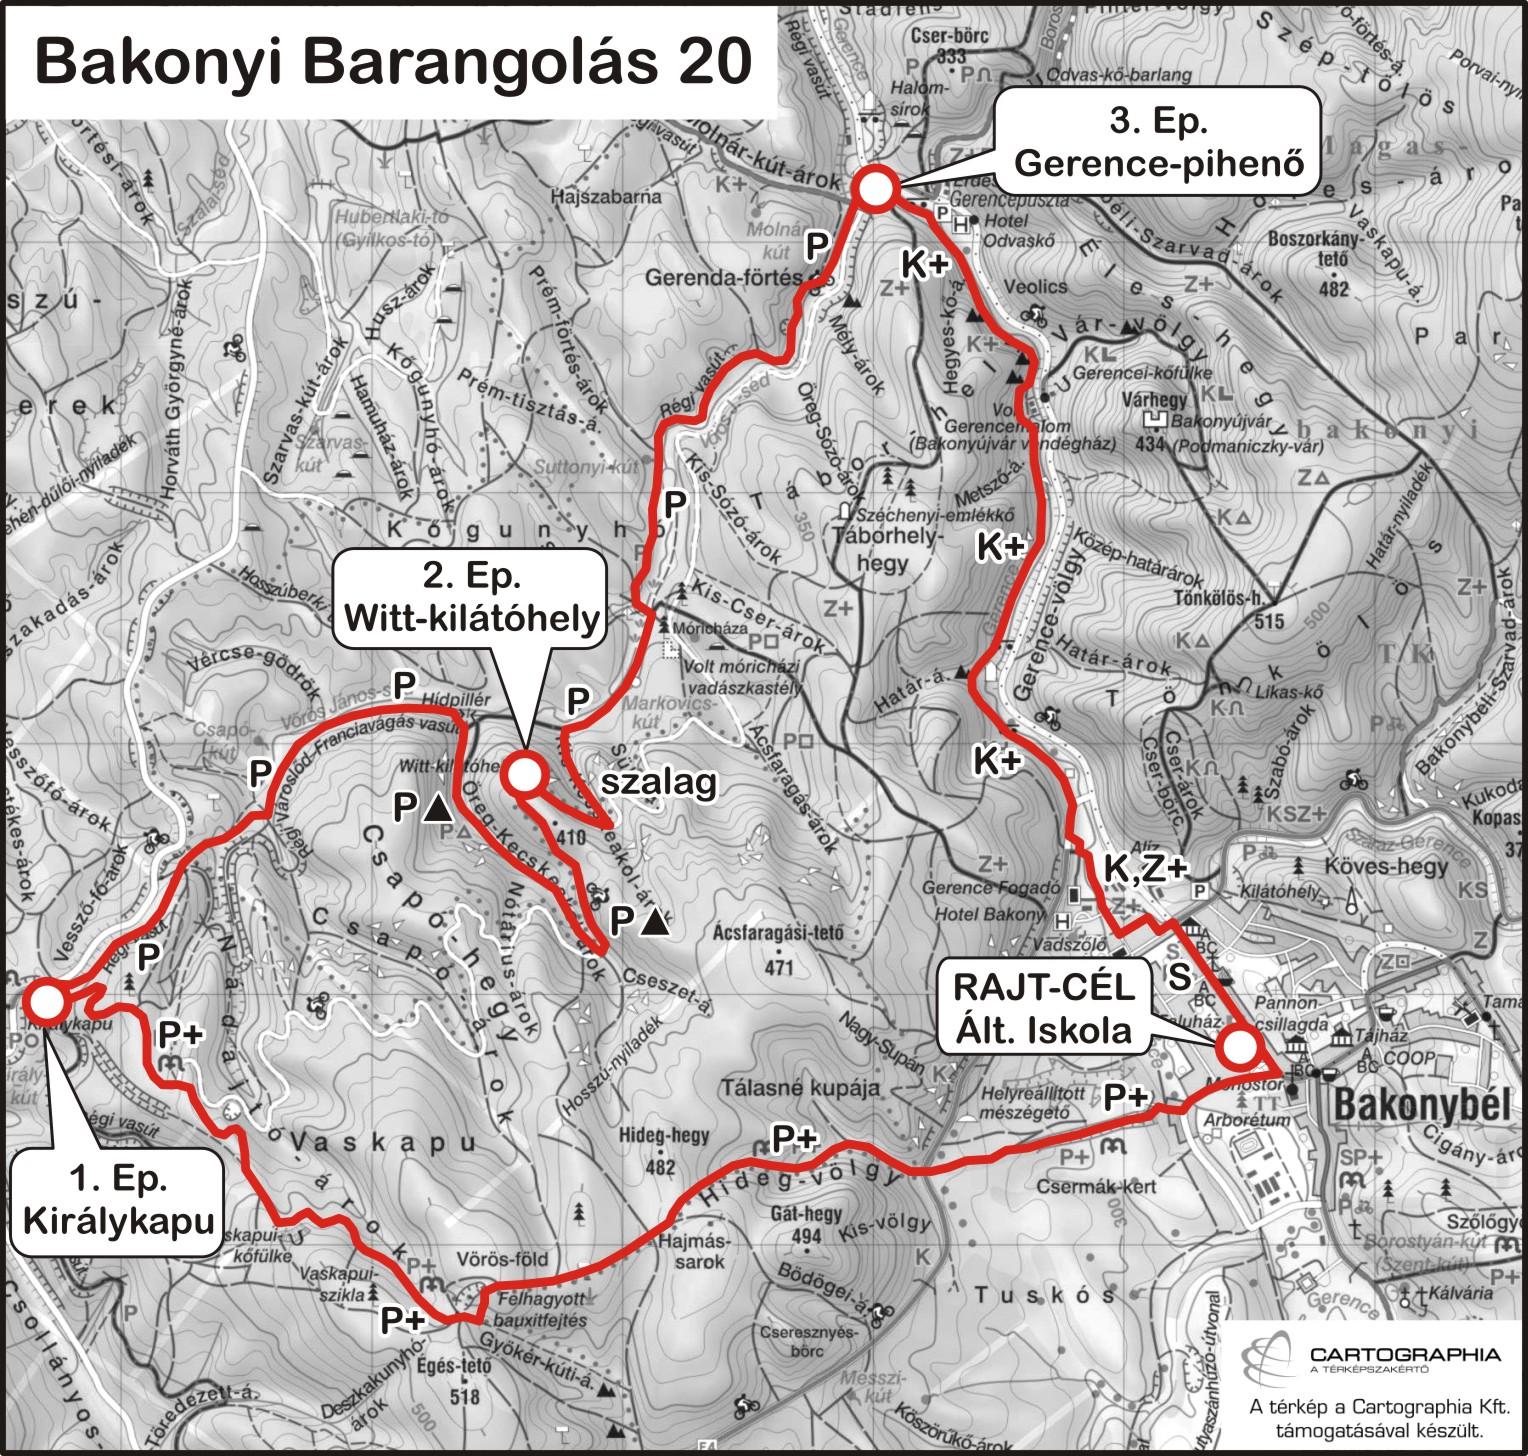 bakonybél túraútvonal térkép Bakonyi Barangolás 70/40/30/20/10 | TTT